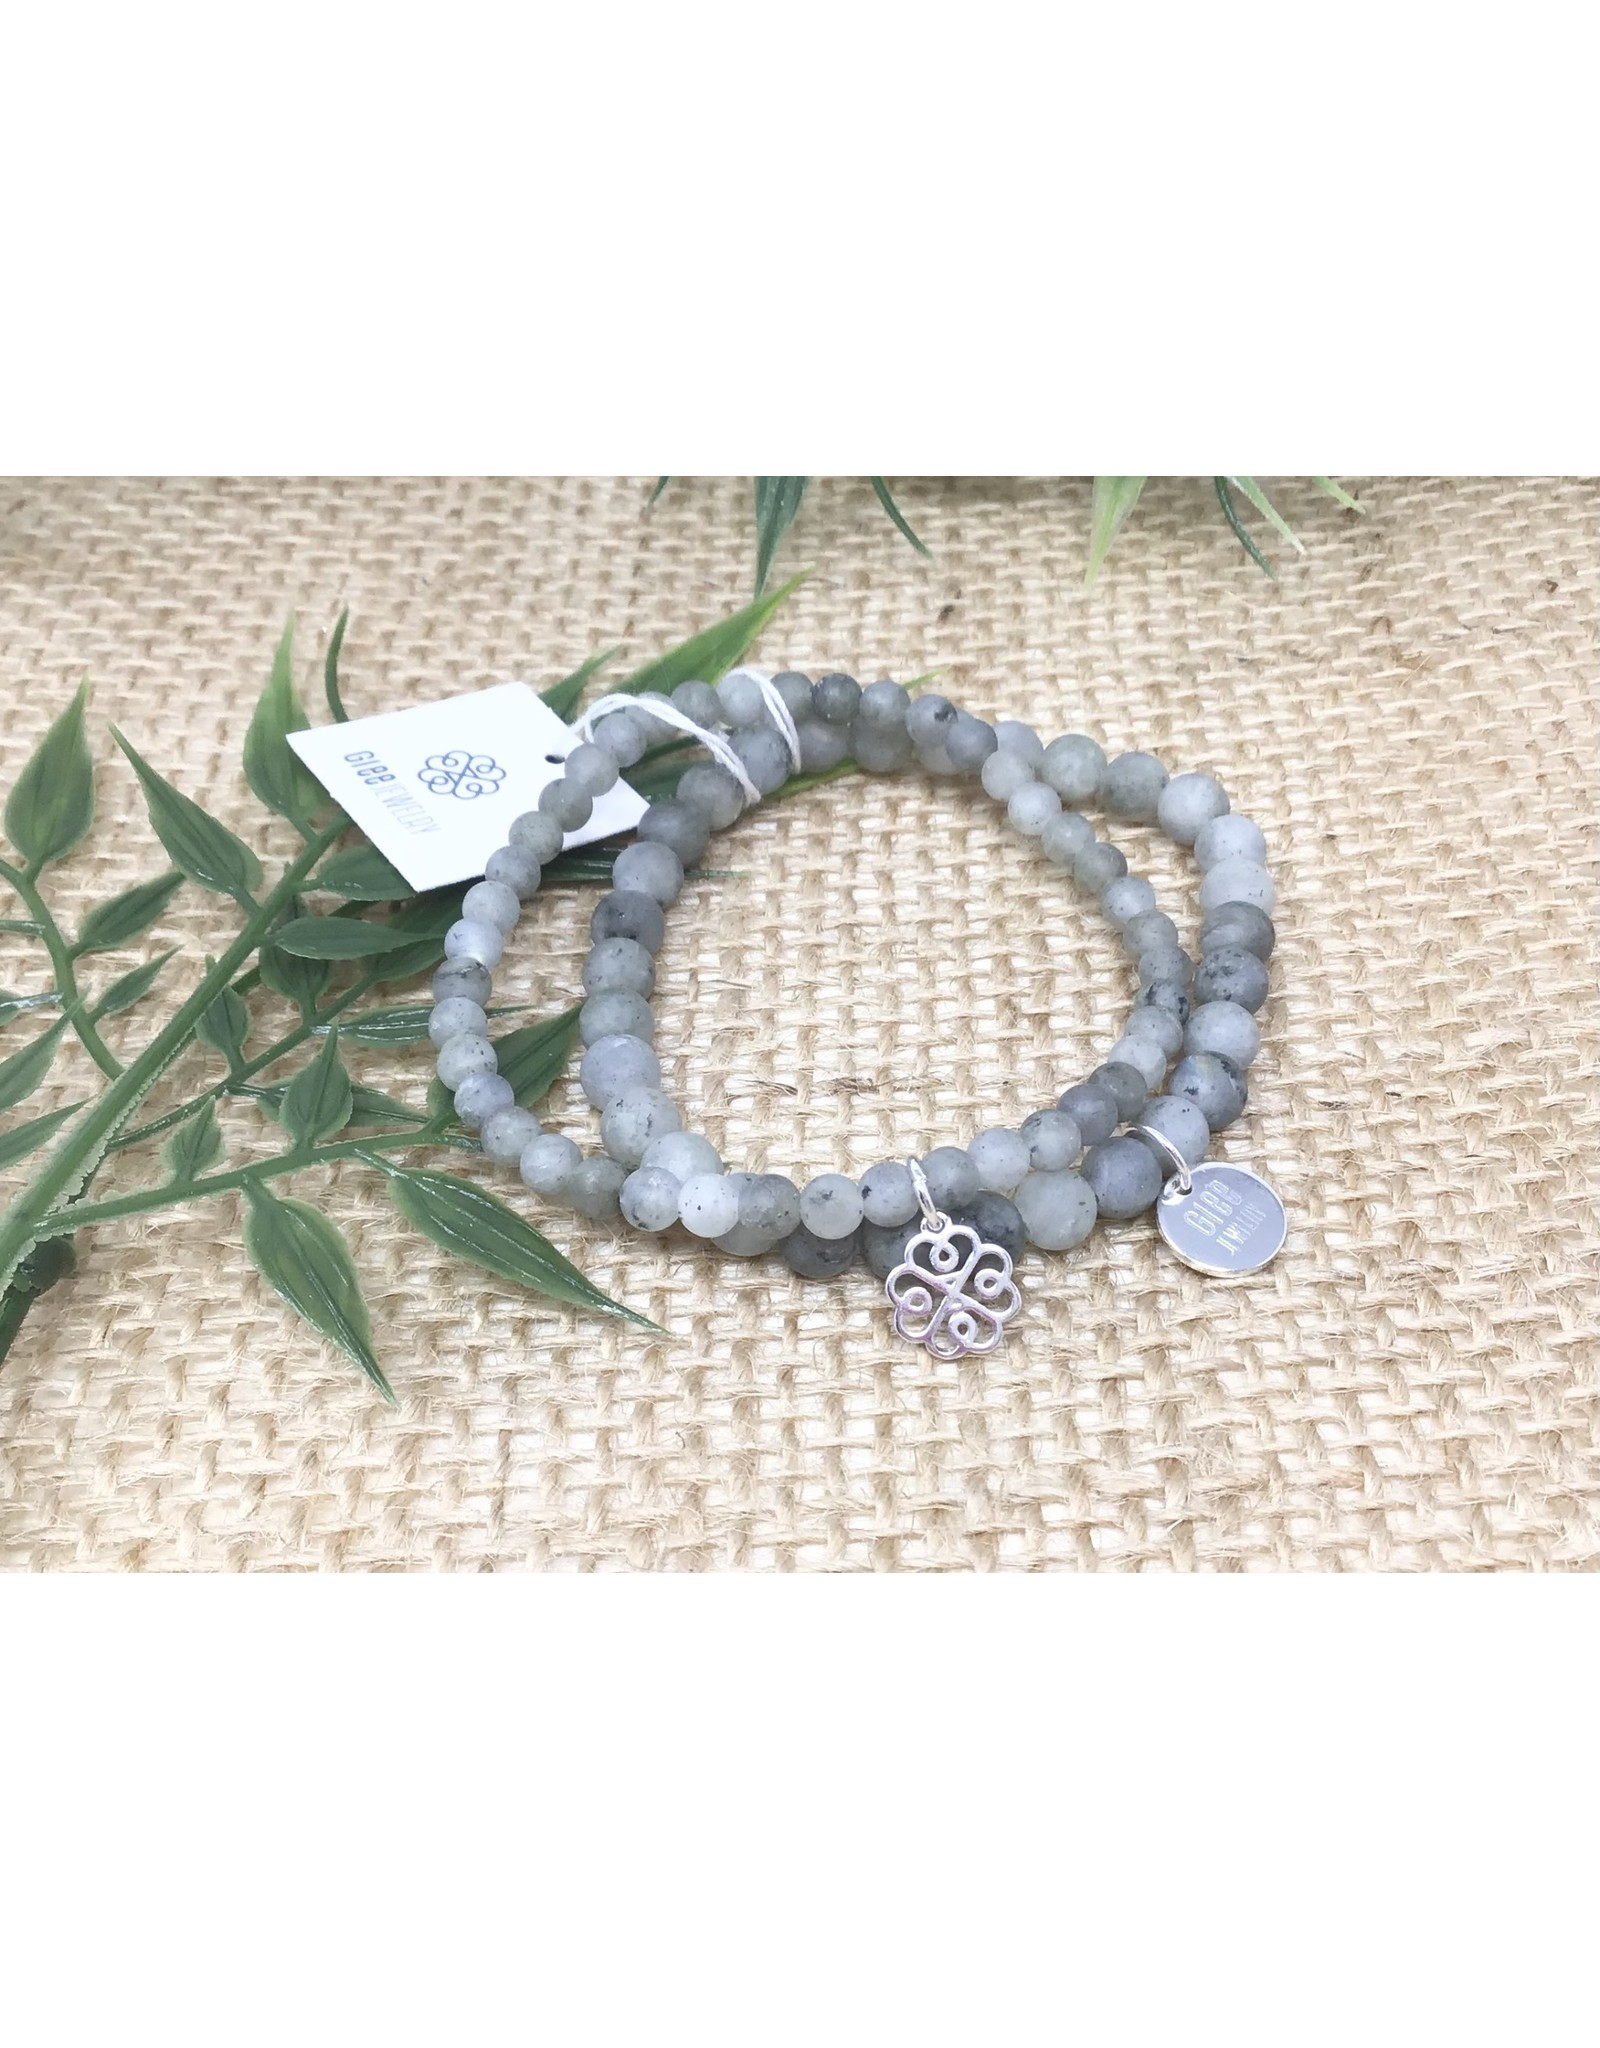 Glee jewelry Stackem Up Bracelets, Silver/Labradorite